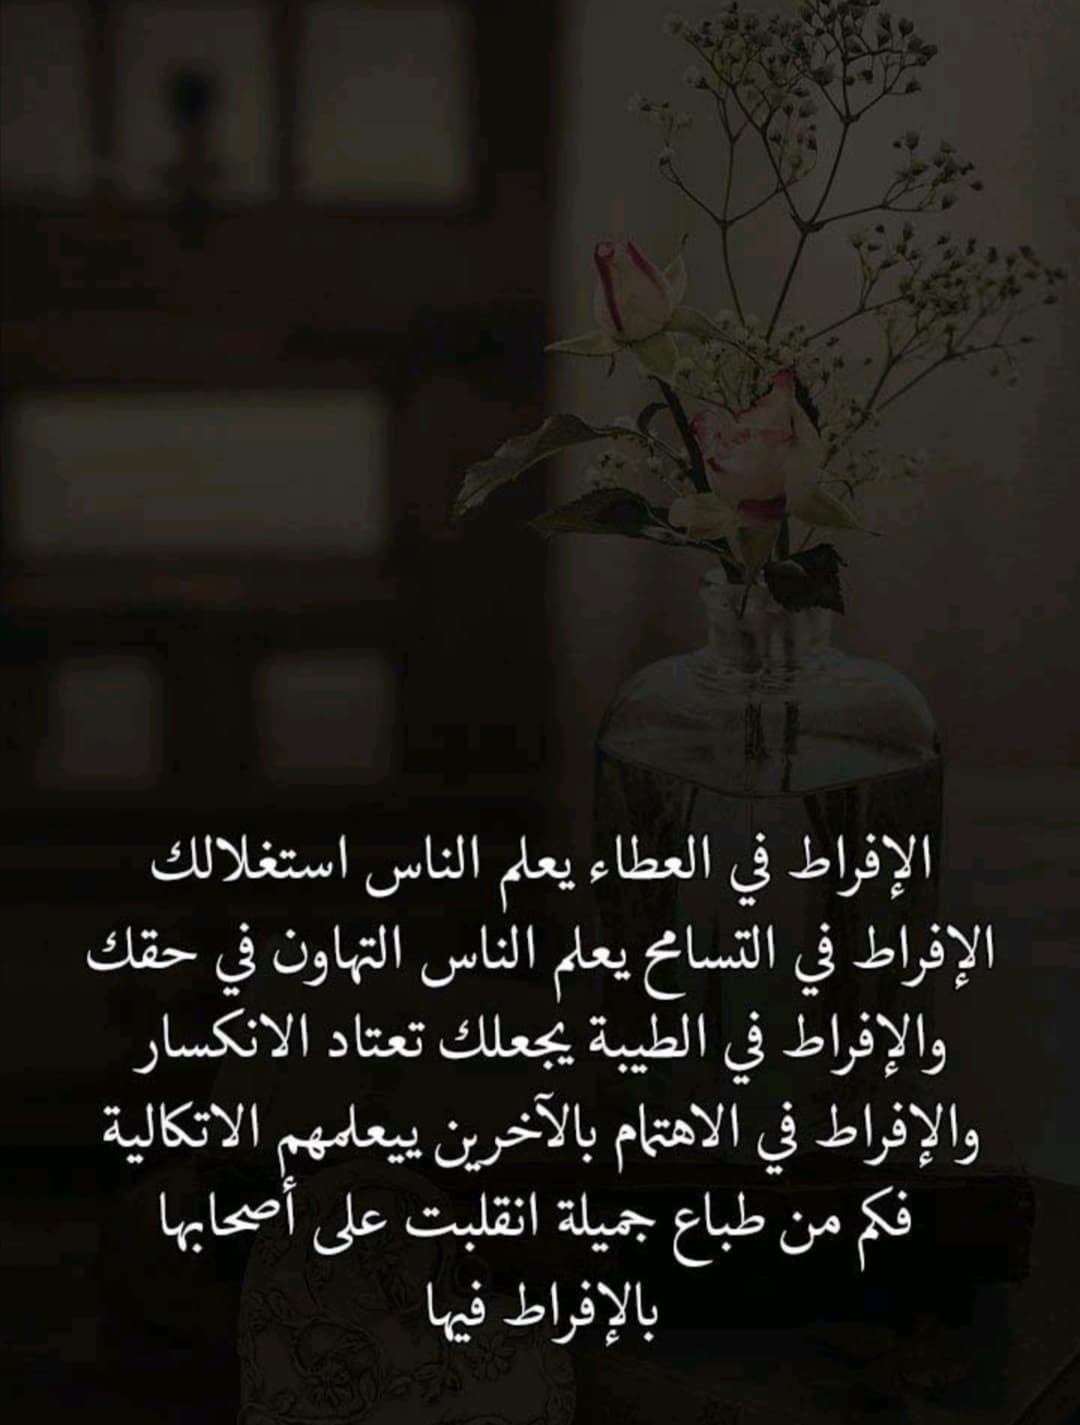 الإفراط في العطاء يعلم الناس إستغلالك Arabic Quotes Basketball Photography More Than Words